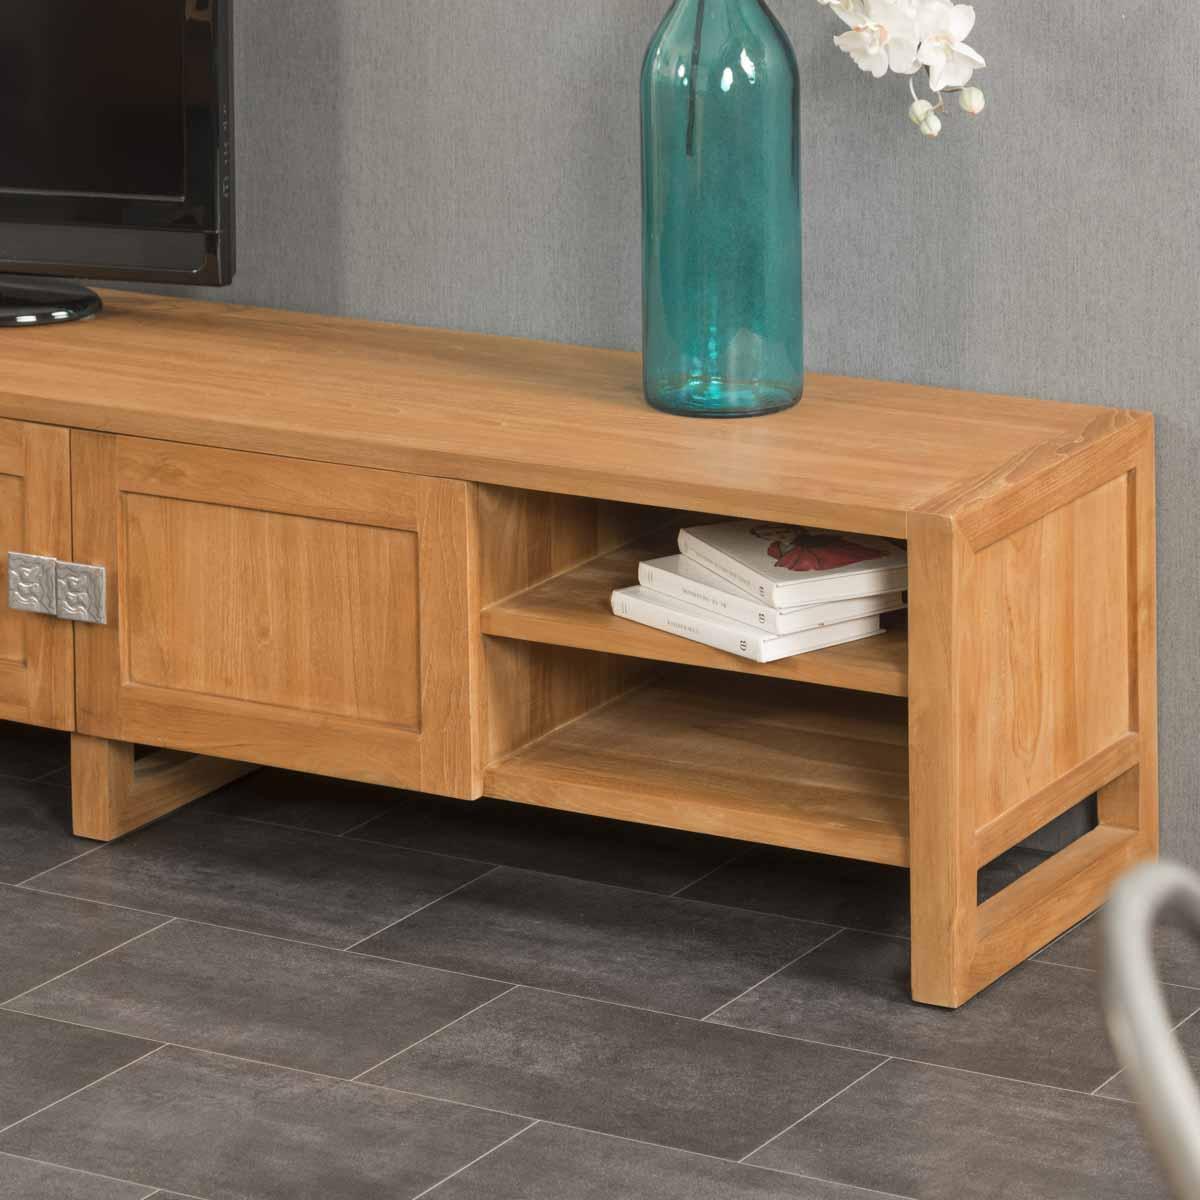 Meuble tv teck meuble tv bois naturel rectangle th a 170 x 40 cm - Meuble tv teck ...